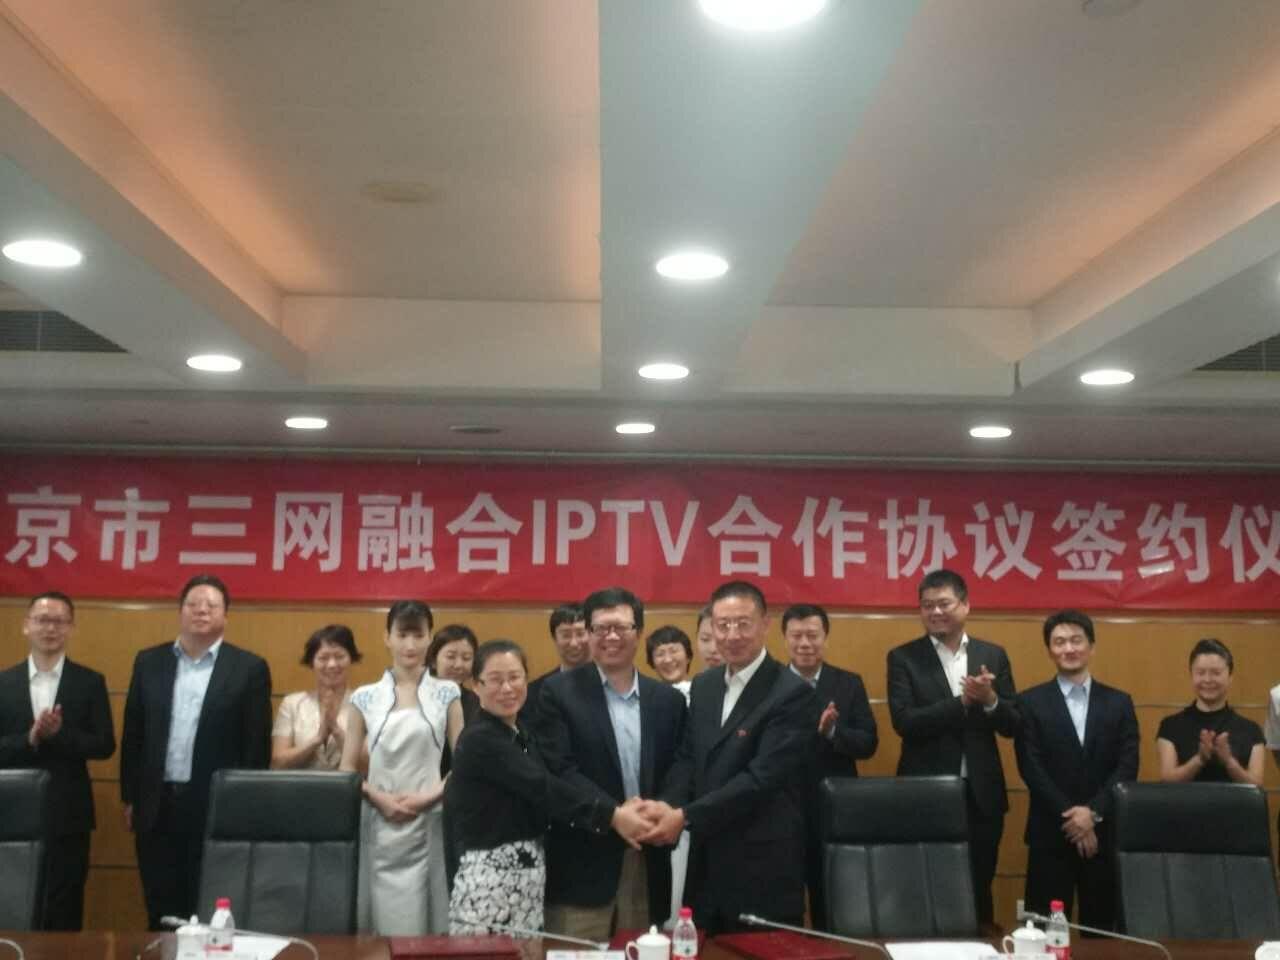 北京电信联合爱上电视北京新媒体签IPTV合作